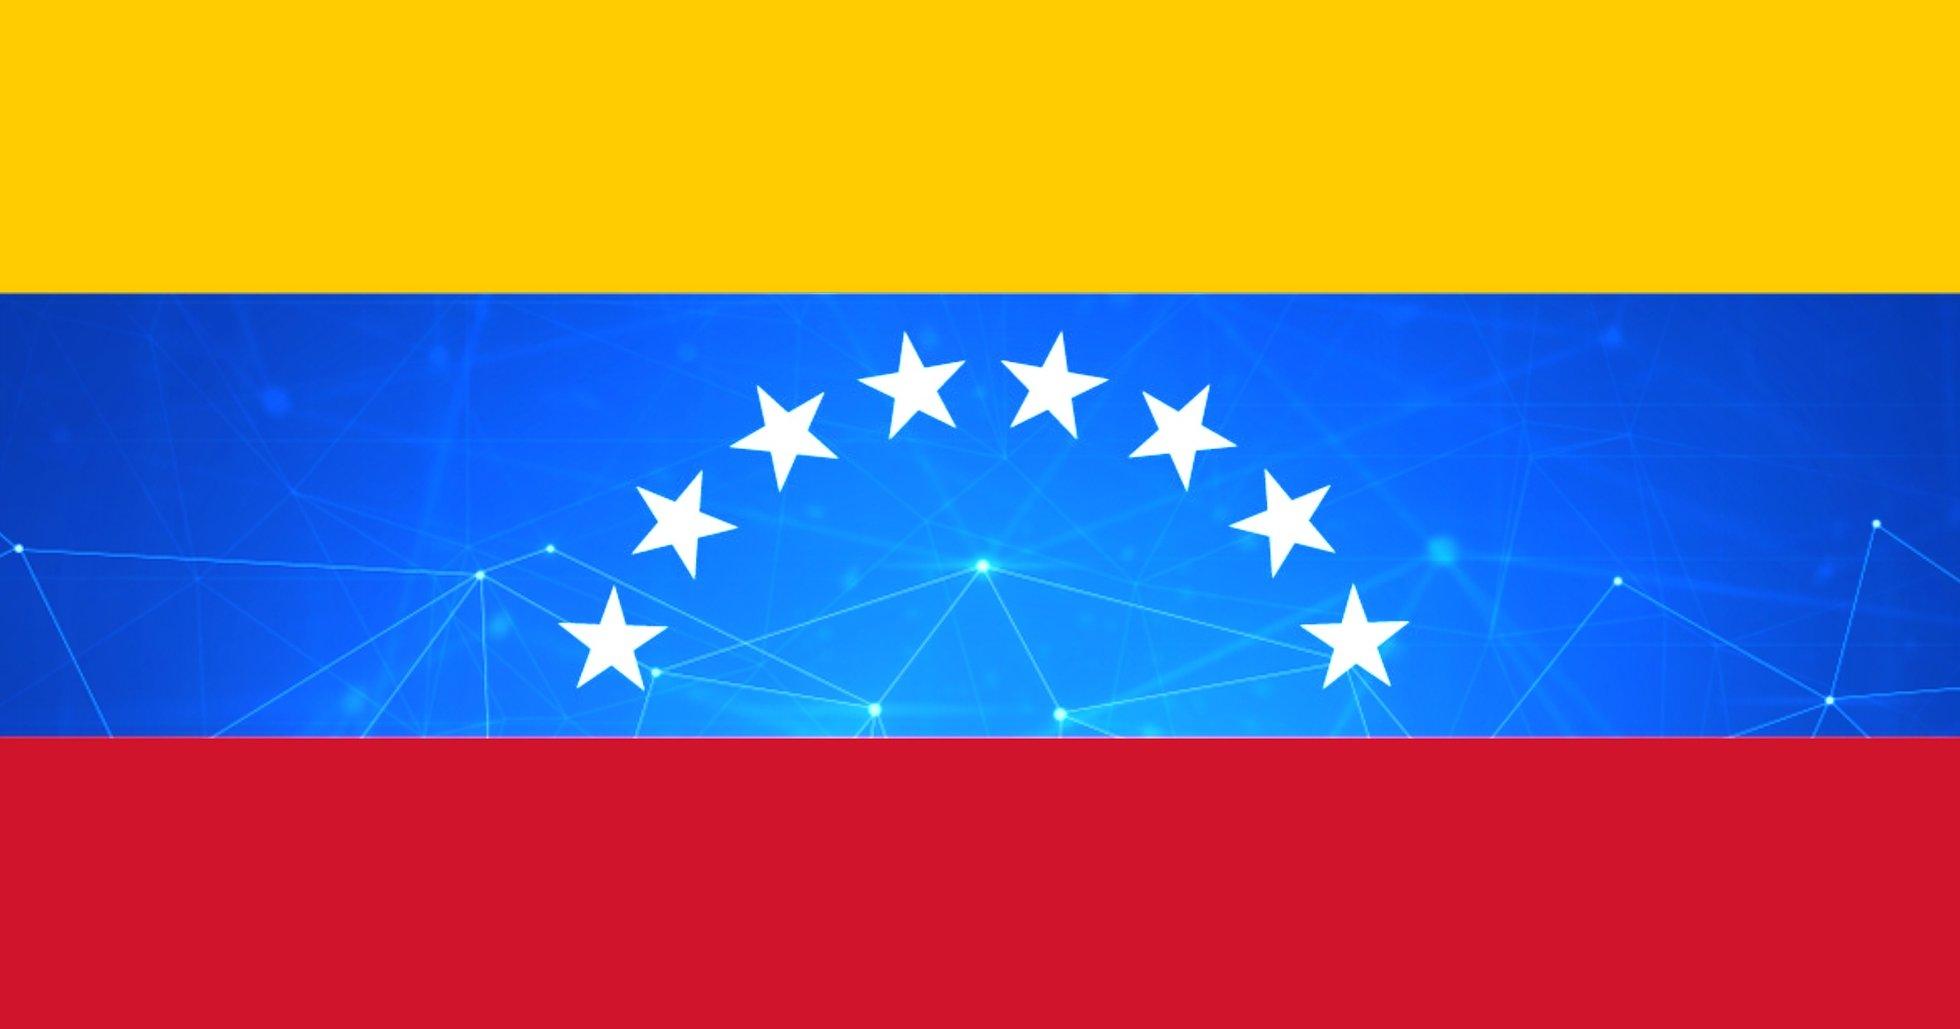 Venezuela pilottestar en internationell decentraliserad aktiebörs